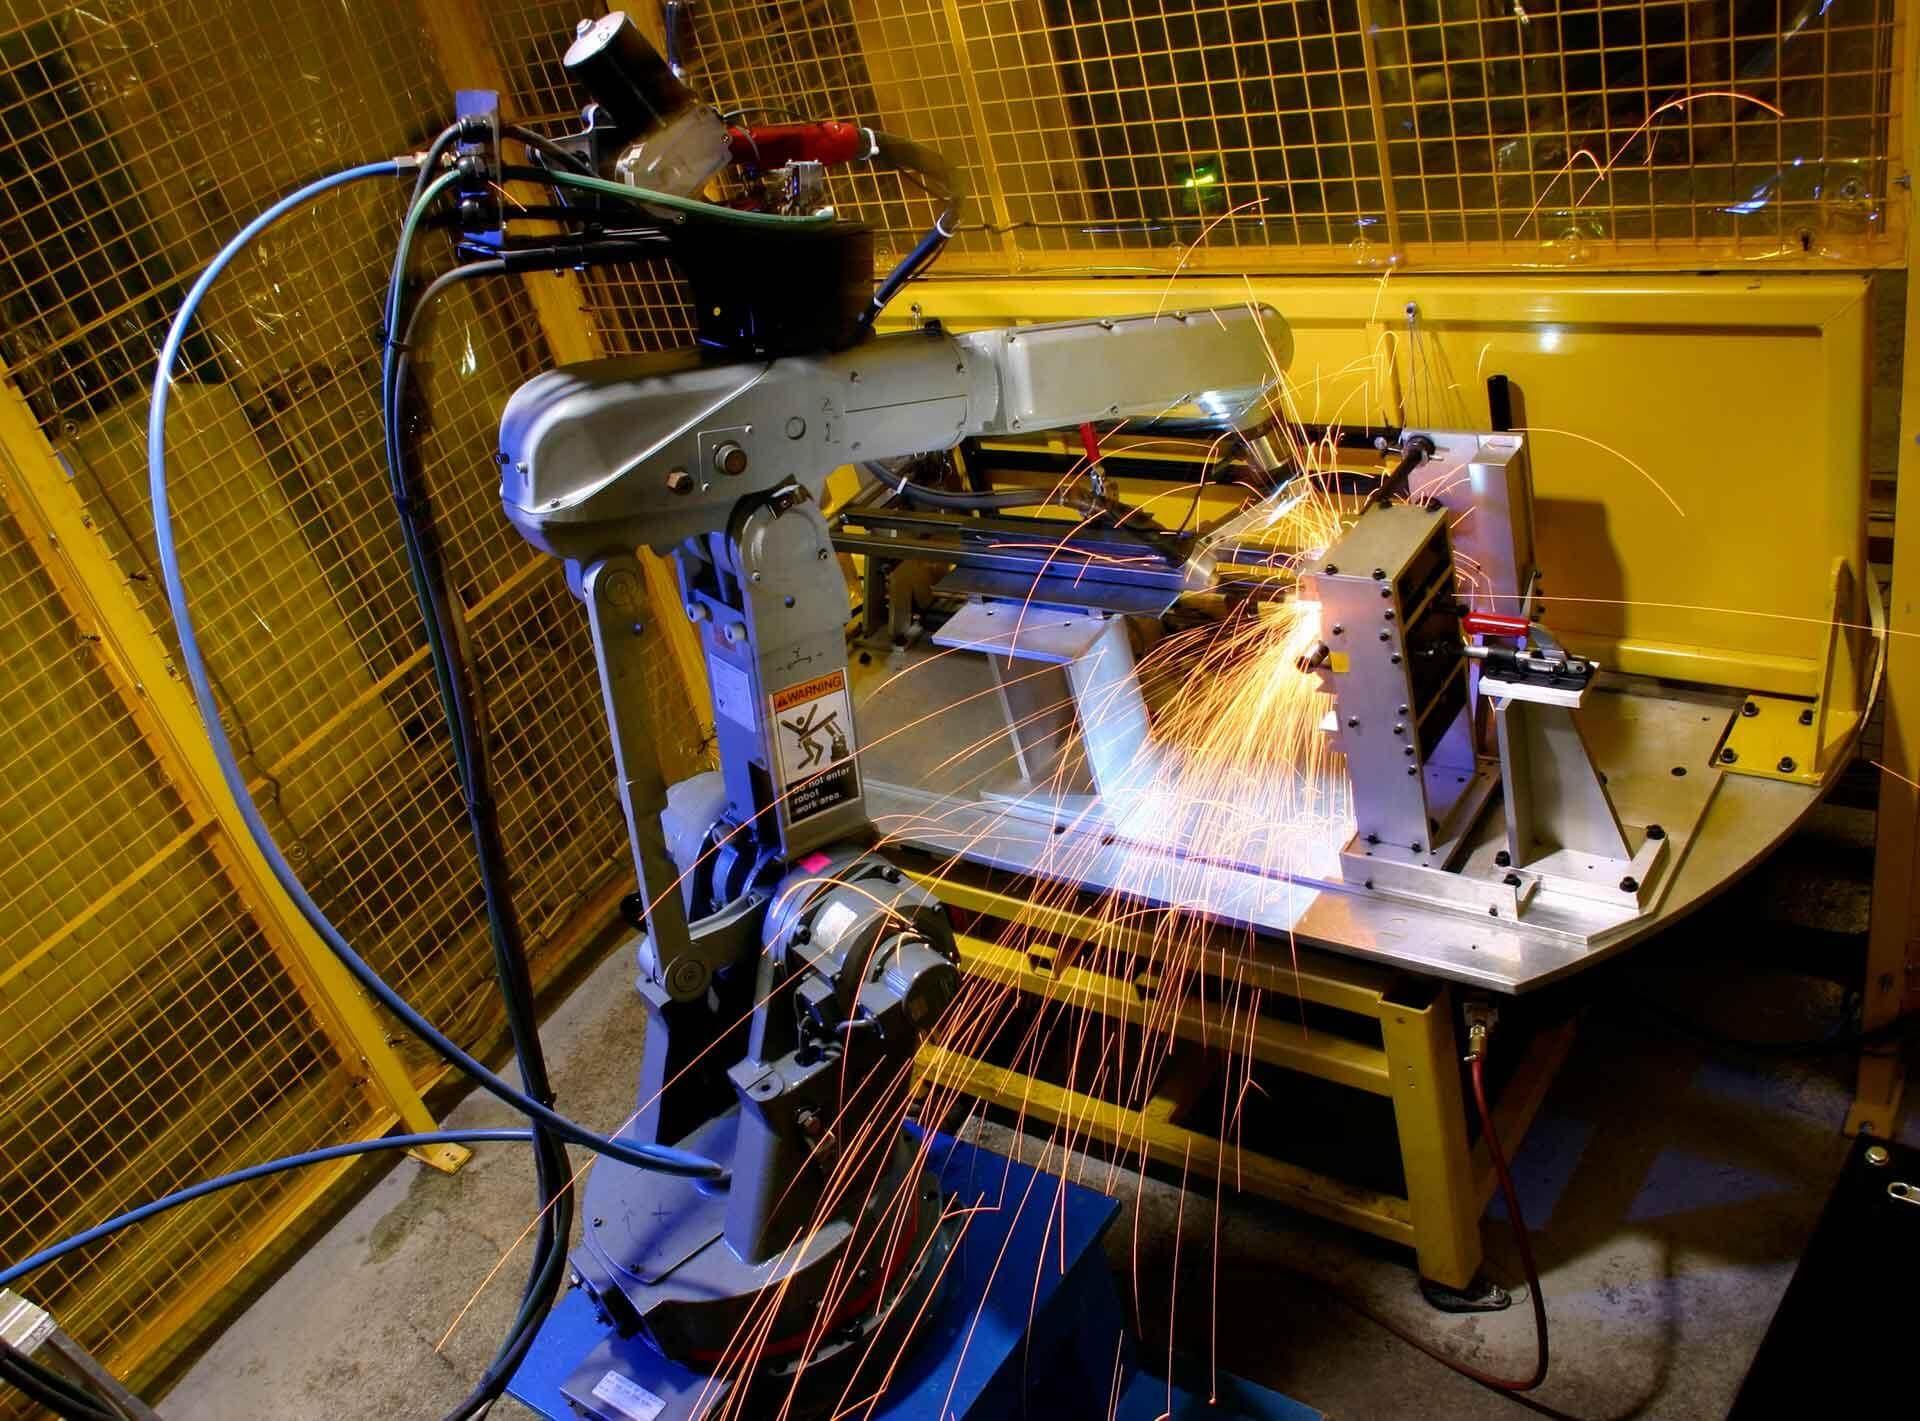 robotic welding arm in welding education